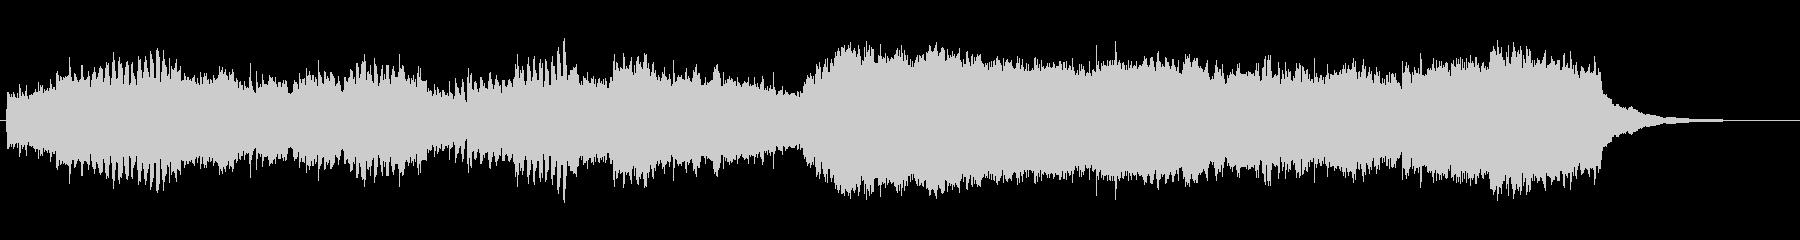 神秘的なイメージの曲の未再生の波形